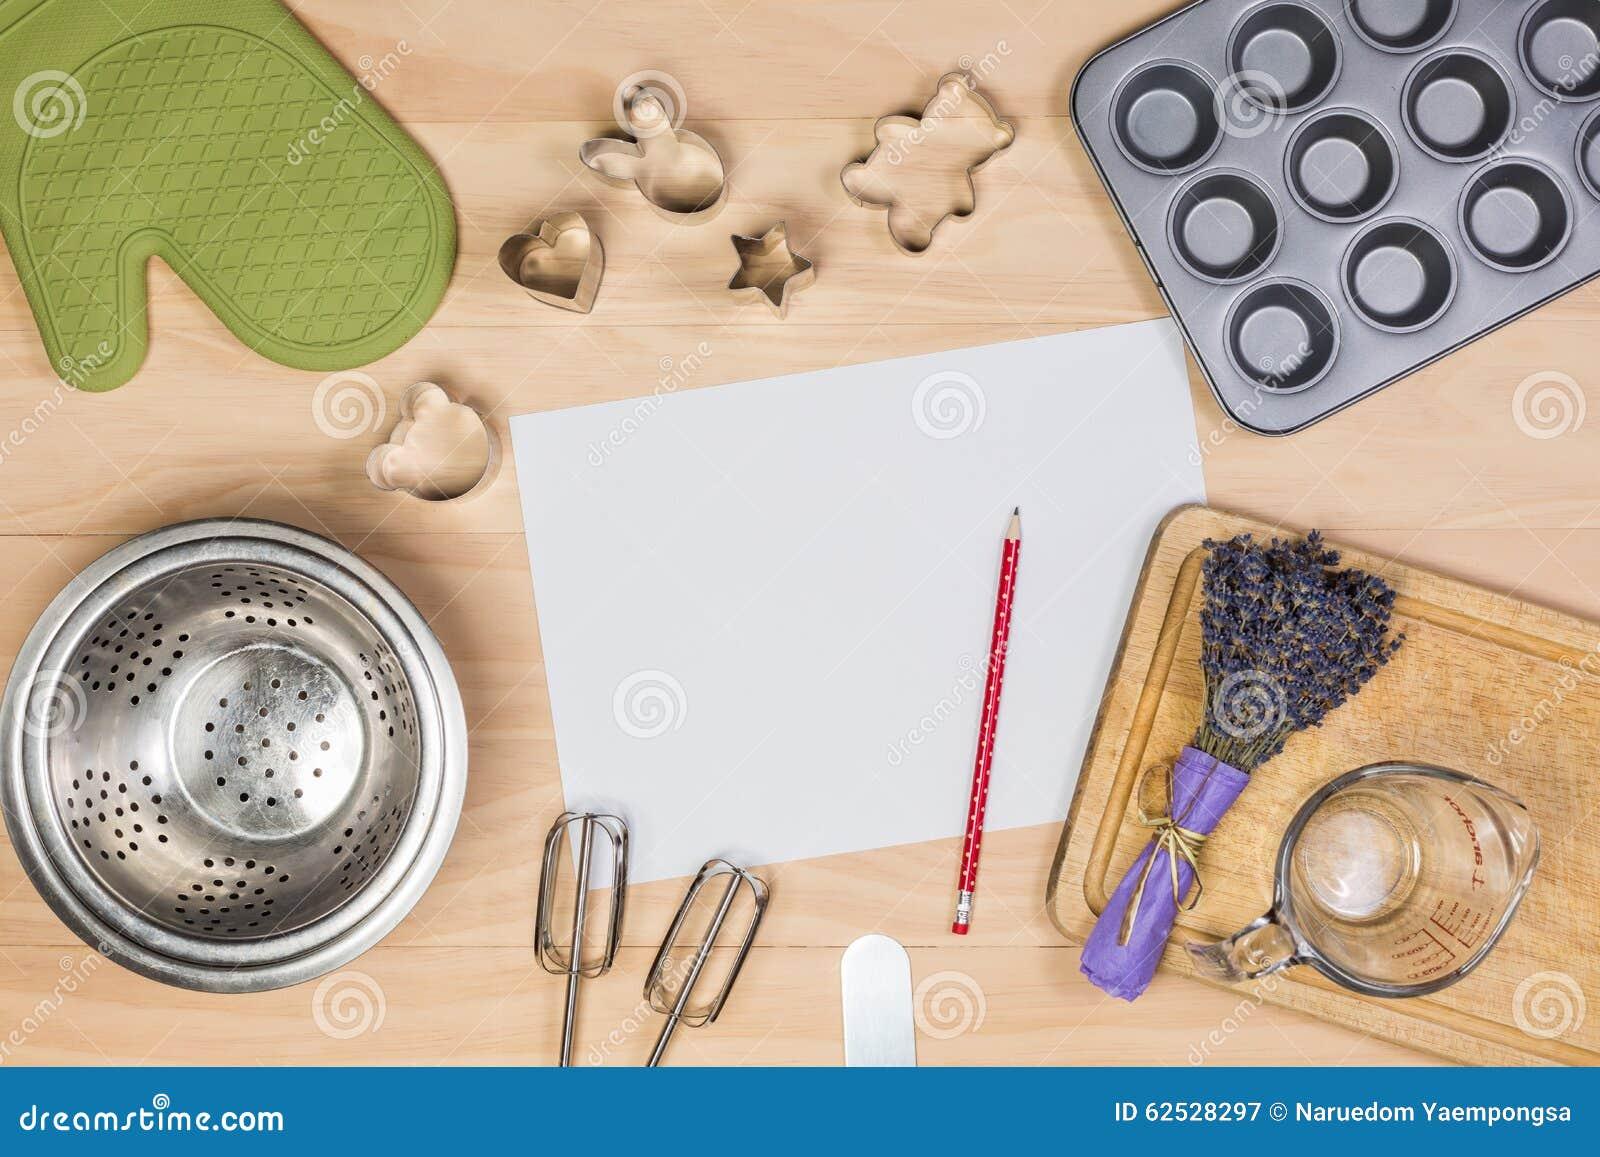 烘烤和酥皮点心工具有白纸的